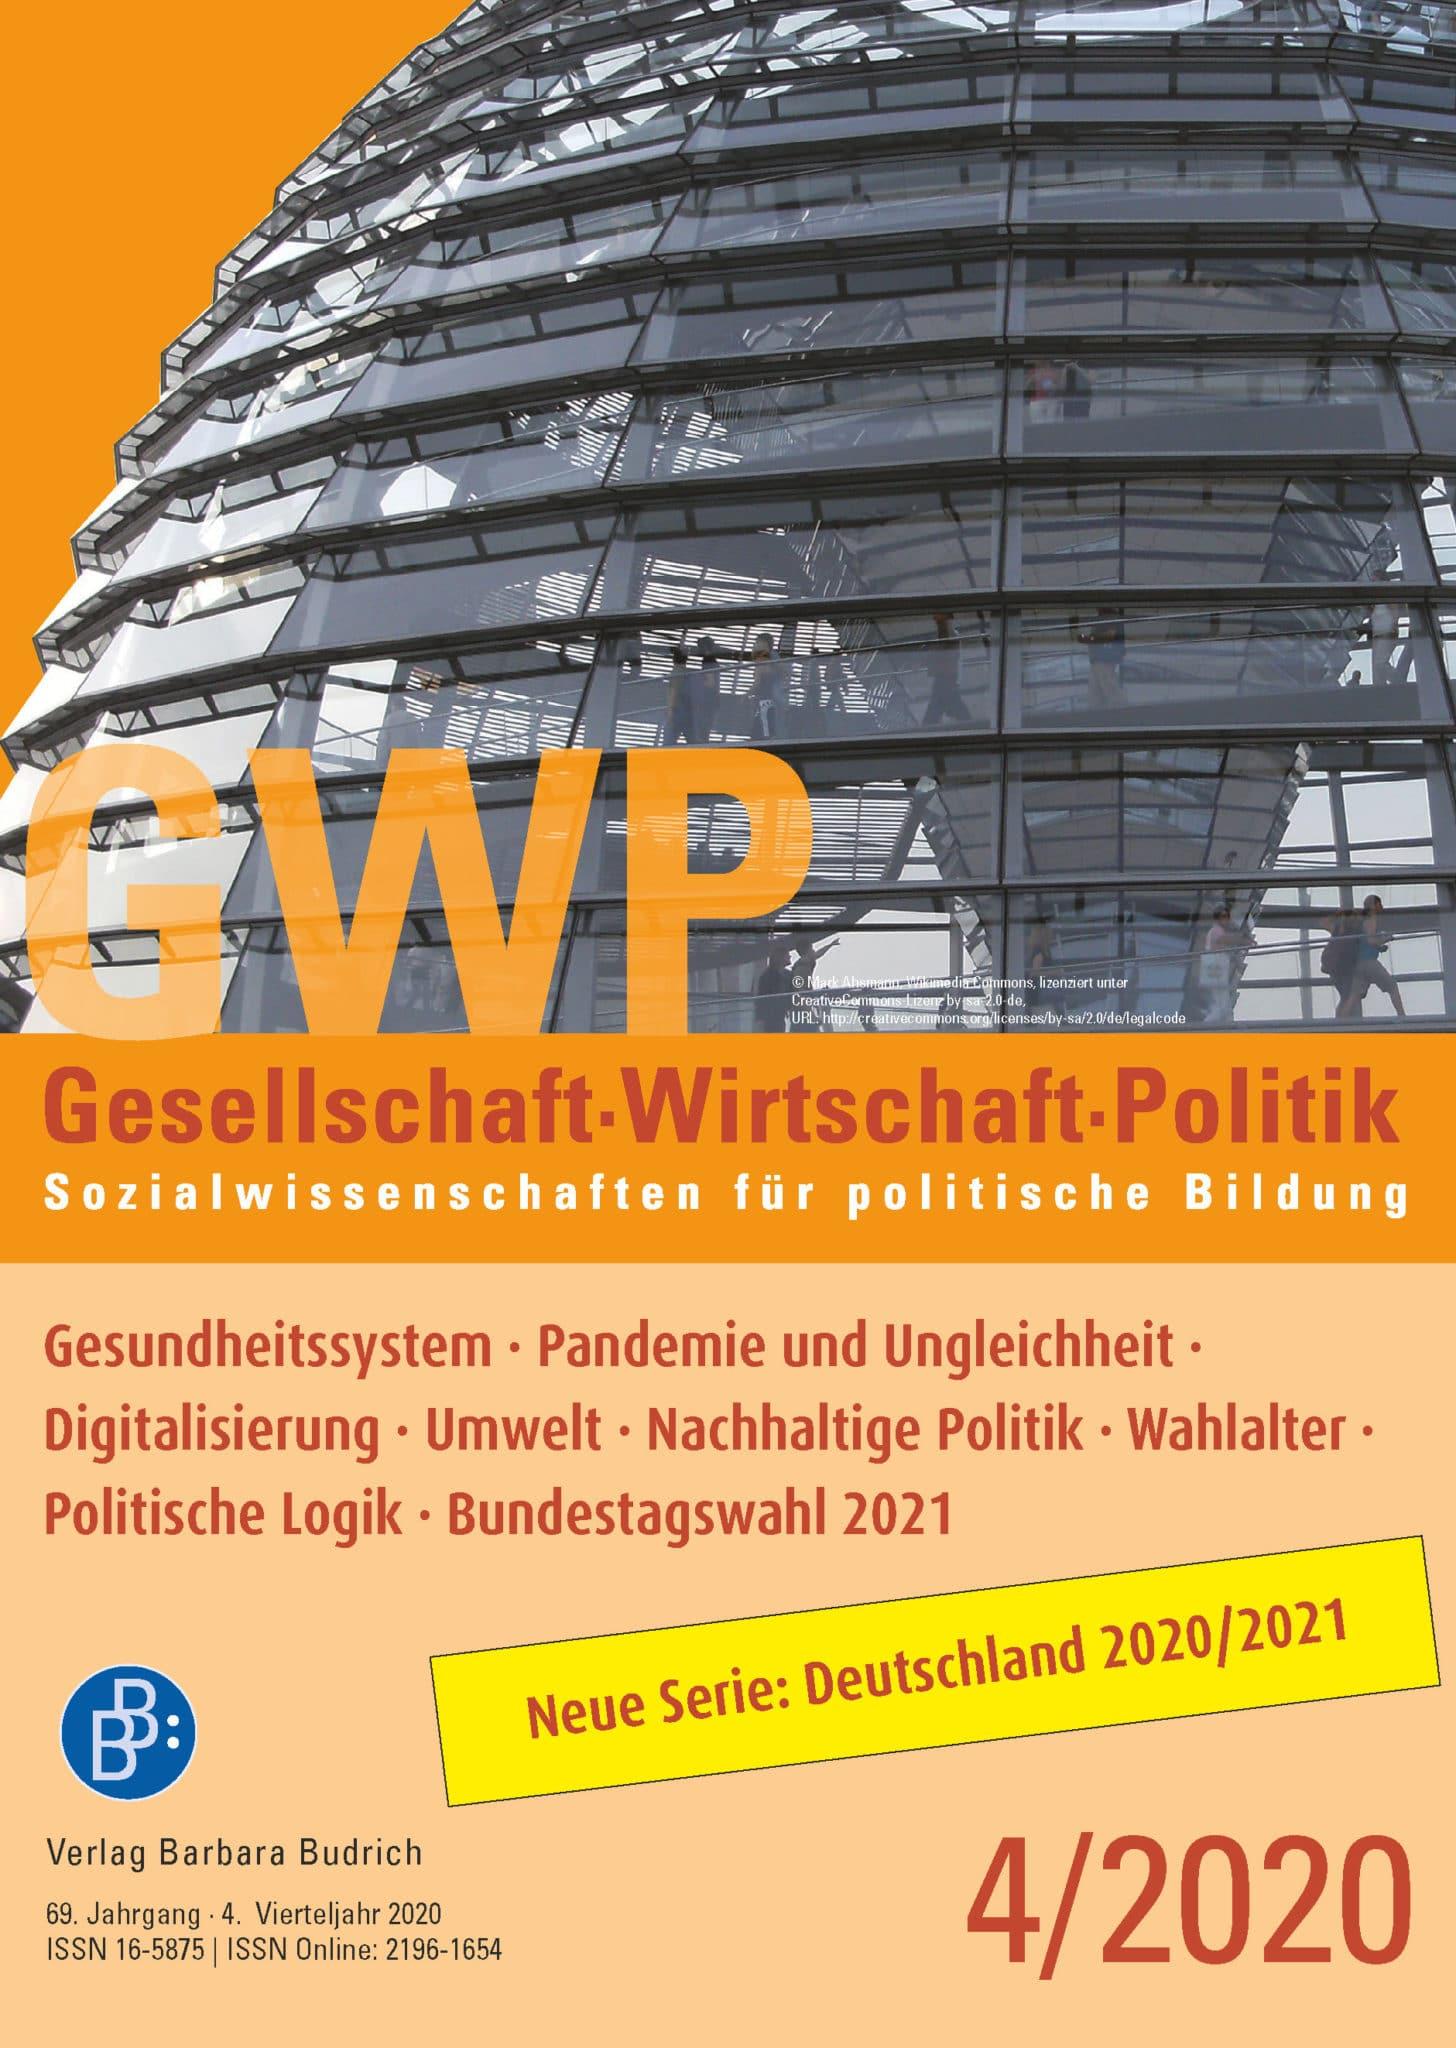 GWP – Gesellschaft. Wirtschaft. Politik 4-2020